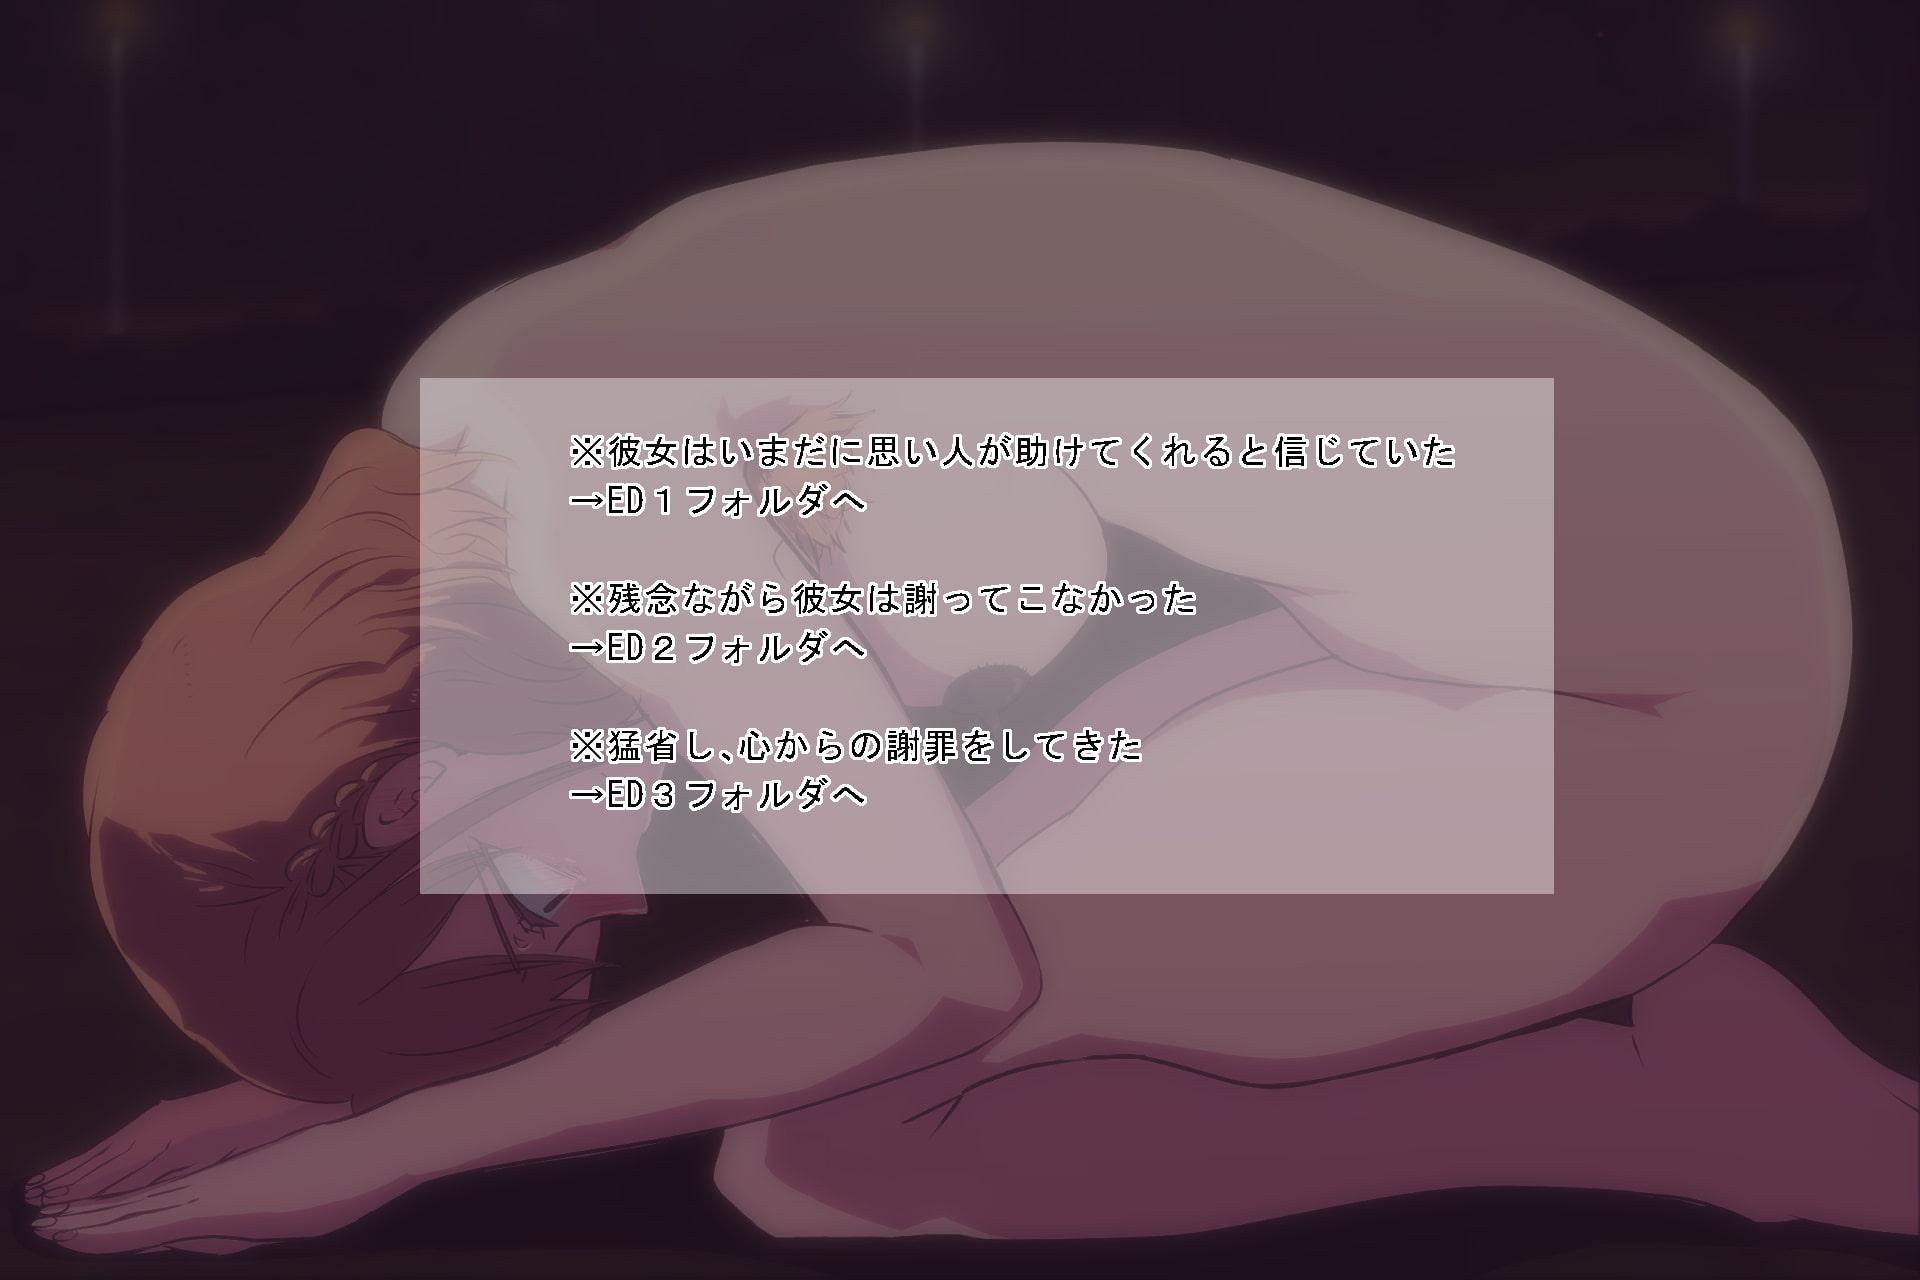 【CG集】オレを虐めたあの女をわからせ ~催眠使われ無様晒してアヘ顔土下座の本気謝罪~